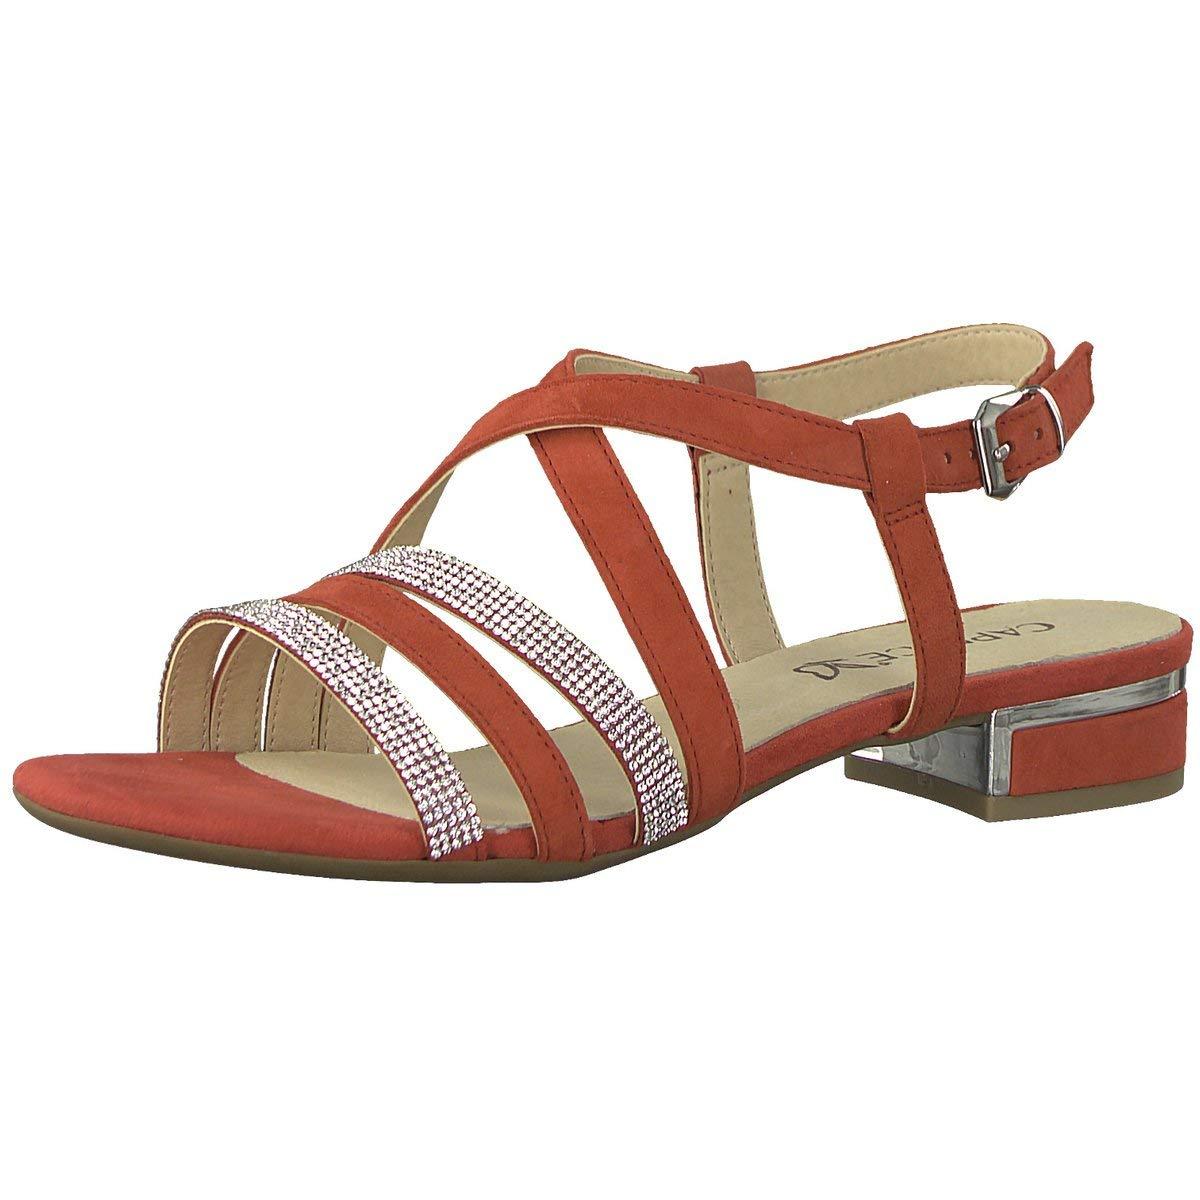 CAPRICE Damen Damen CAPRICE Sandaletten Woms Sandales 9-9-28110-20/524 rot 400734 Rot e2b953